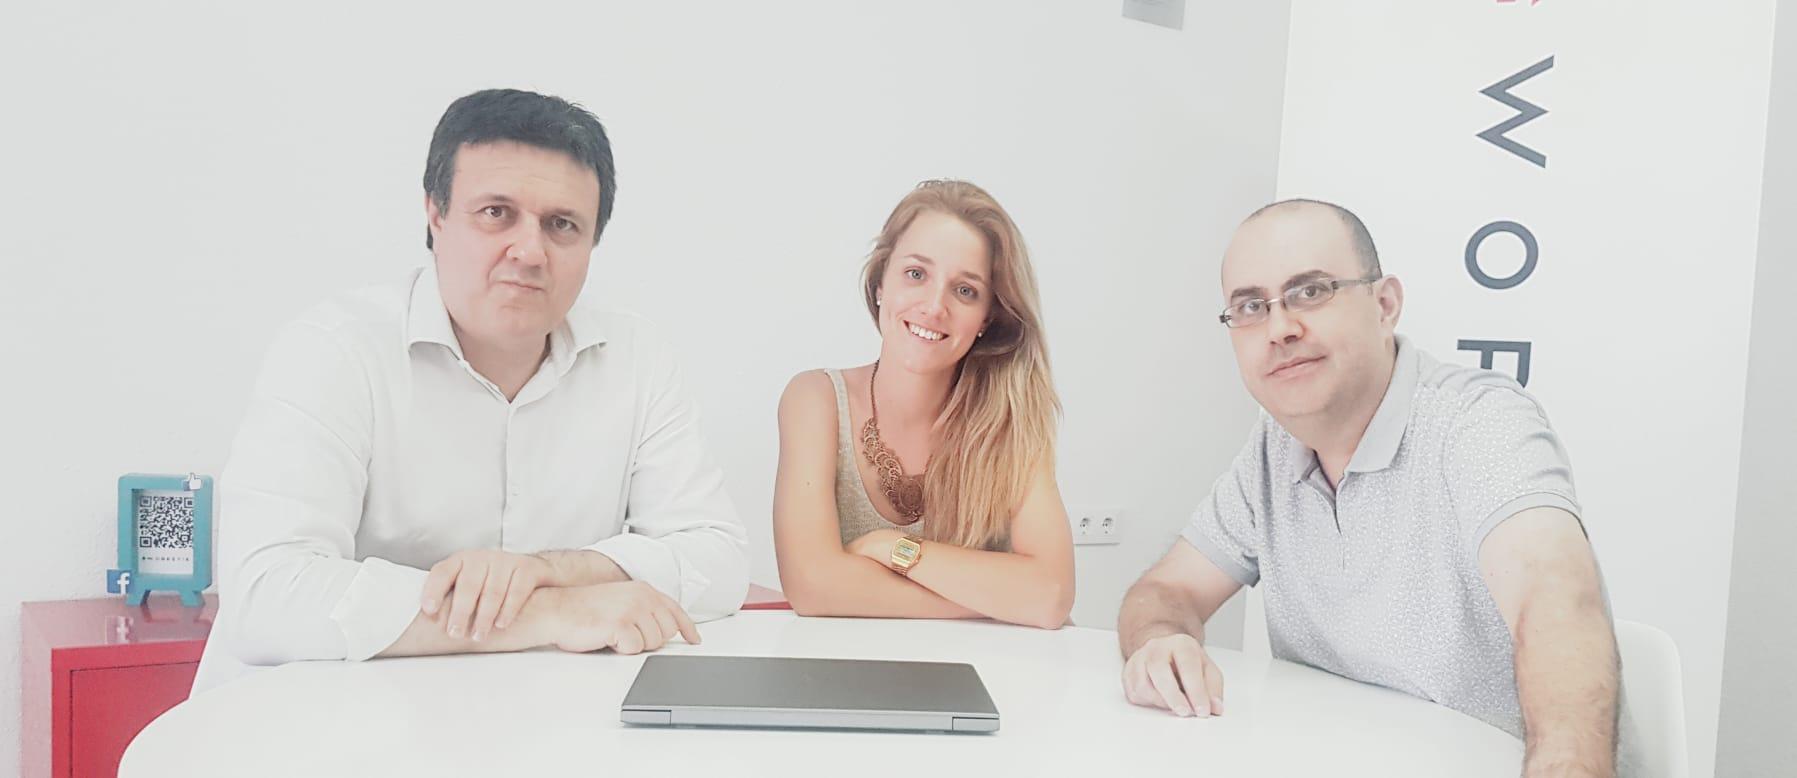 Amèlia Sampere, fundadora de Worketik, junto a Lleonard del Río (derecha) y Jordi Martí.